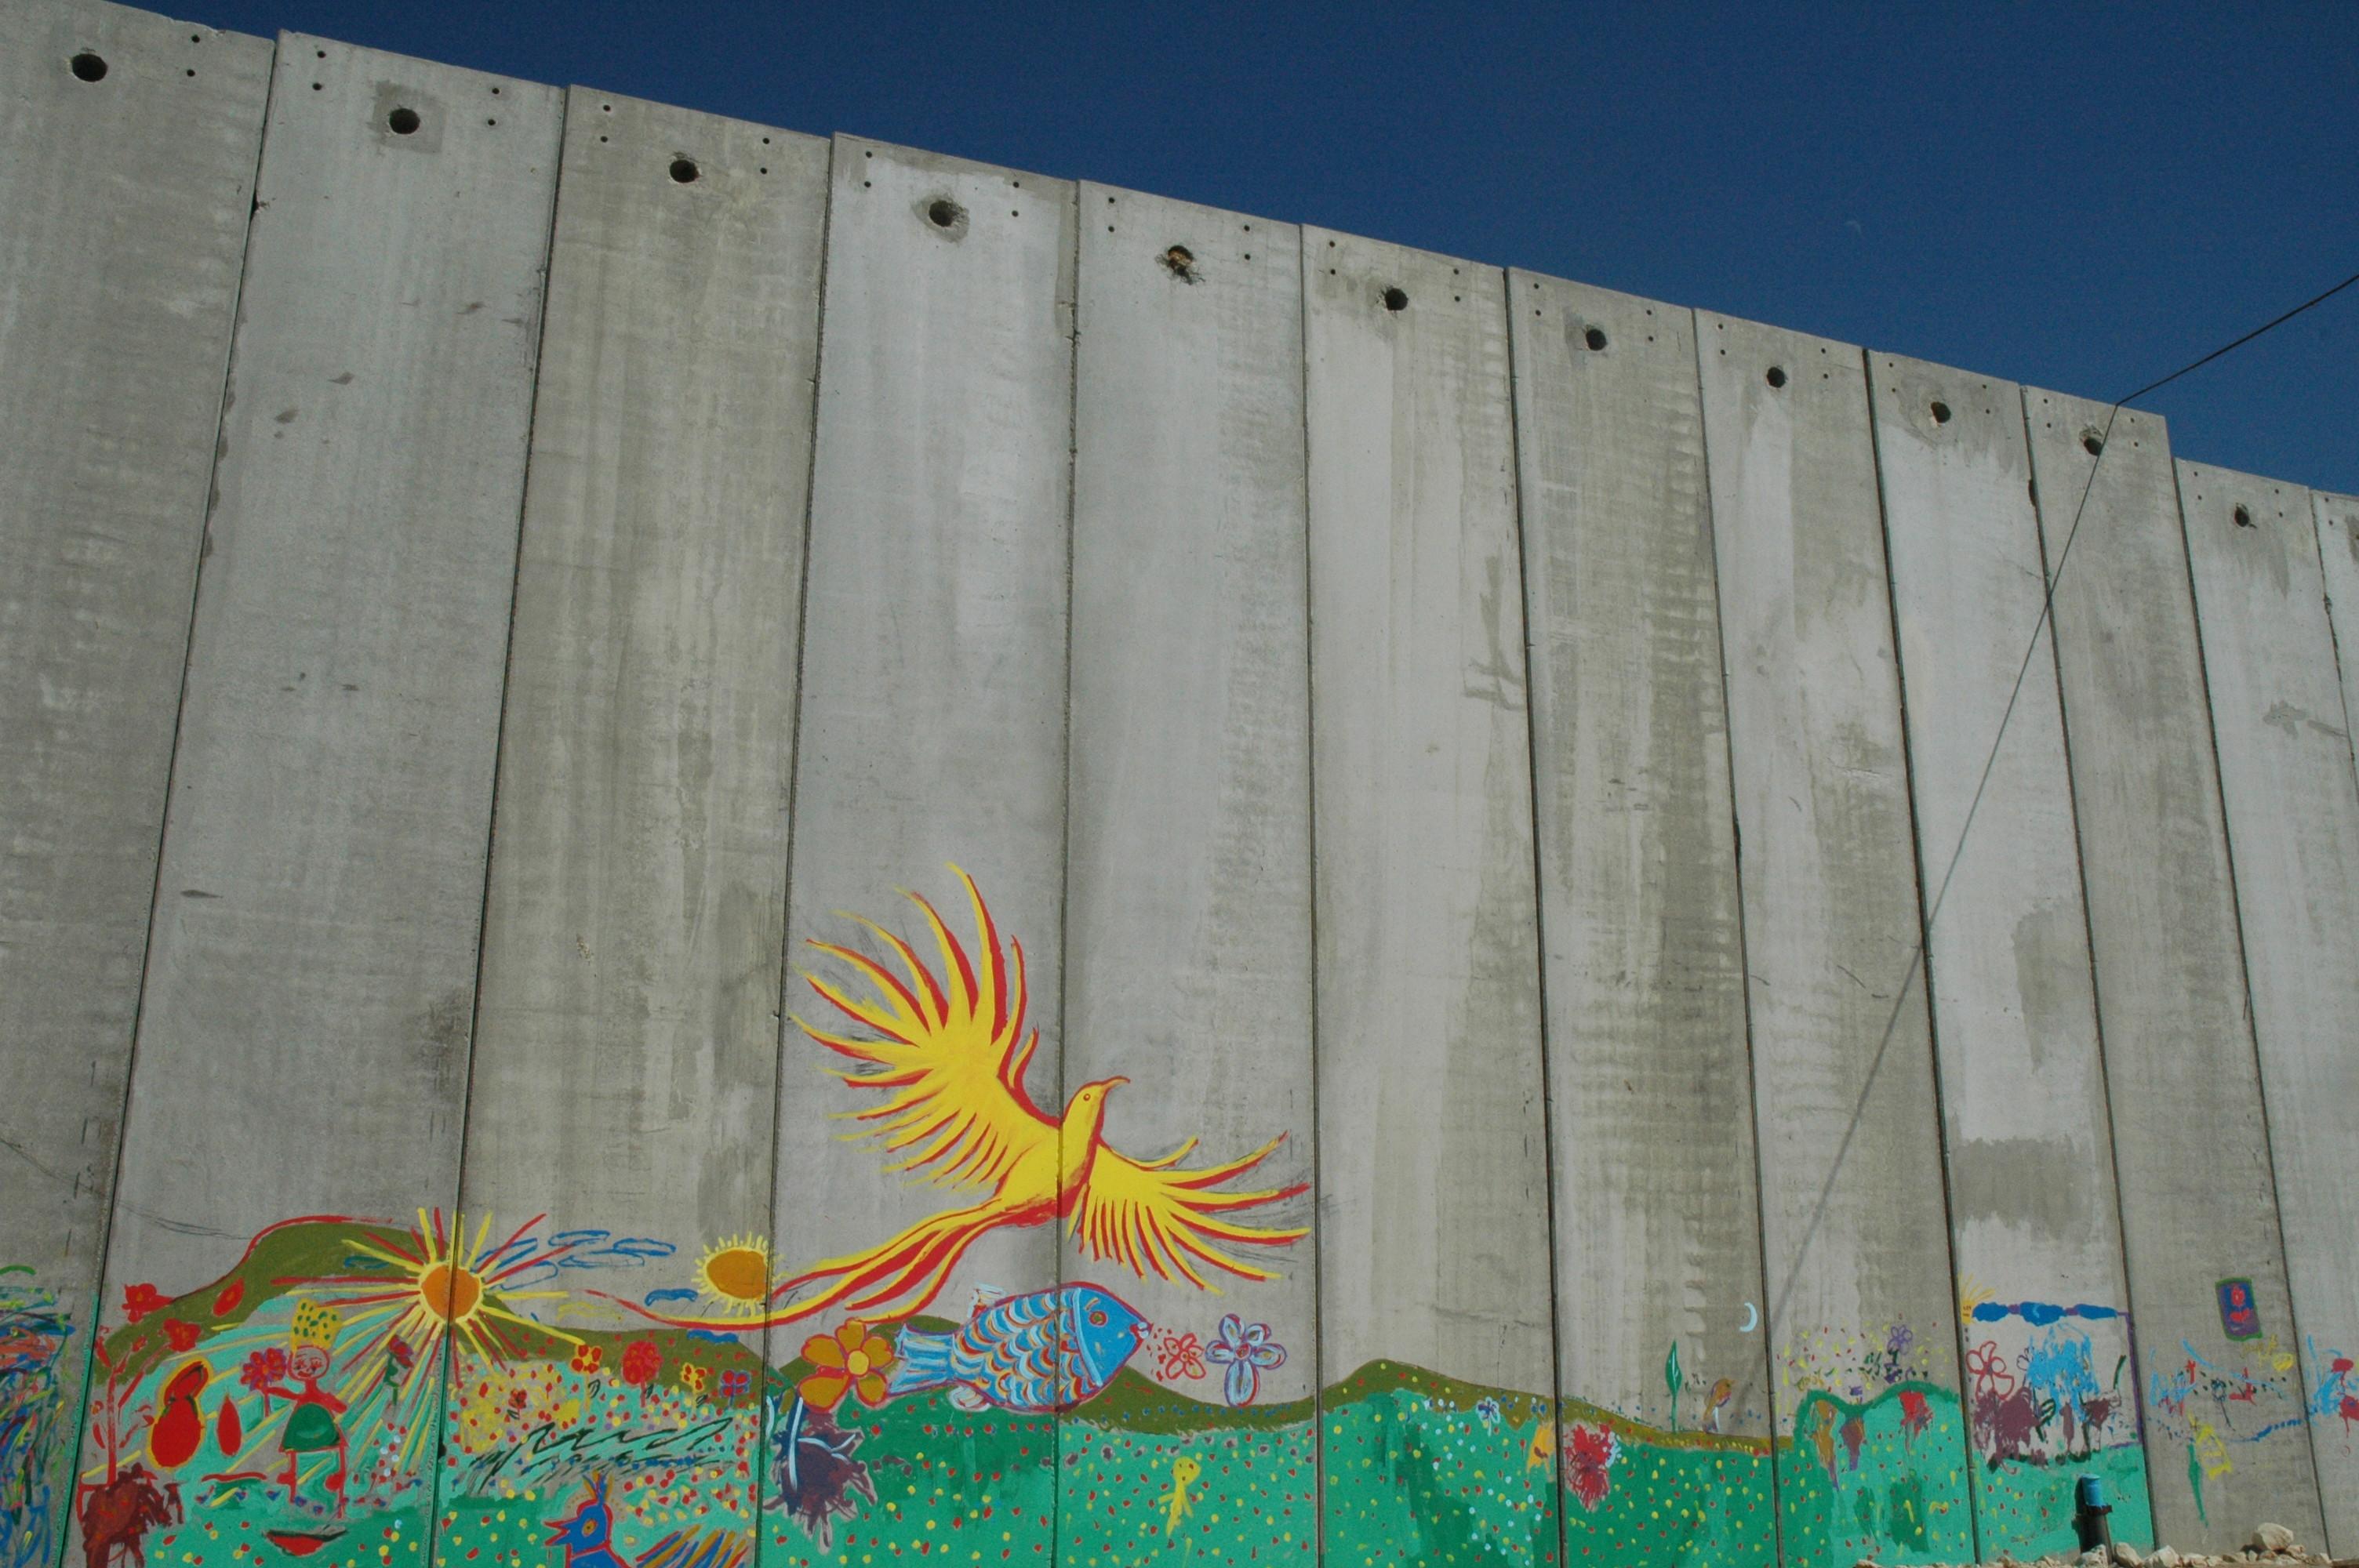 File:mural on Israeli Wall.jpg